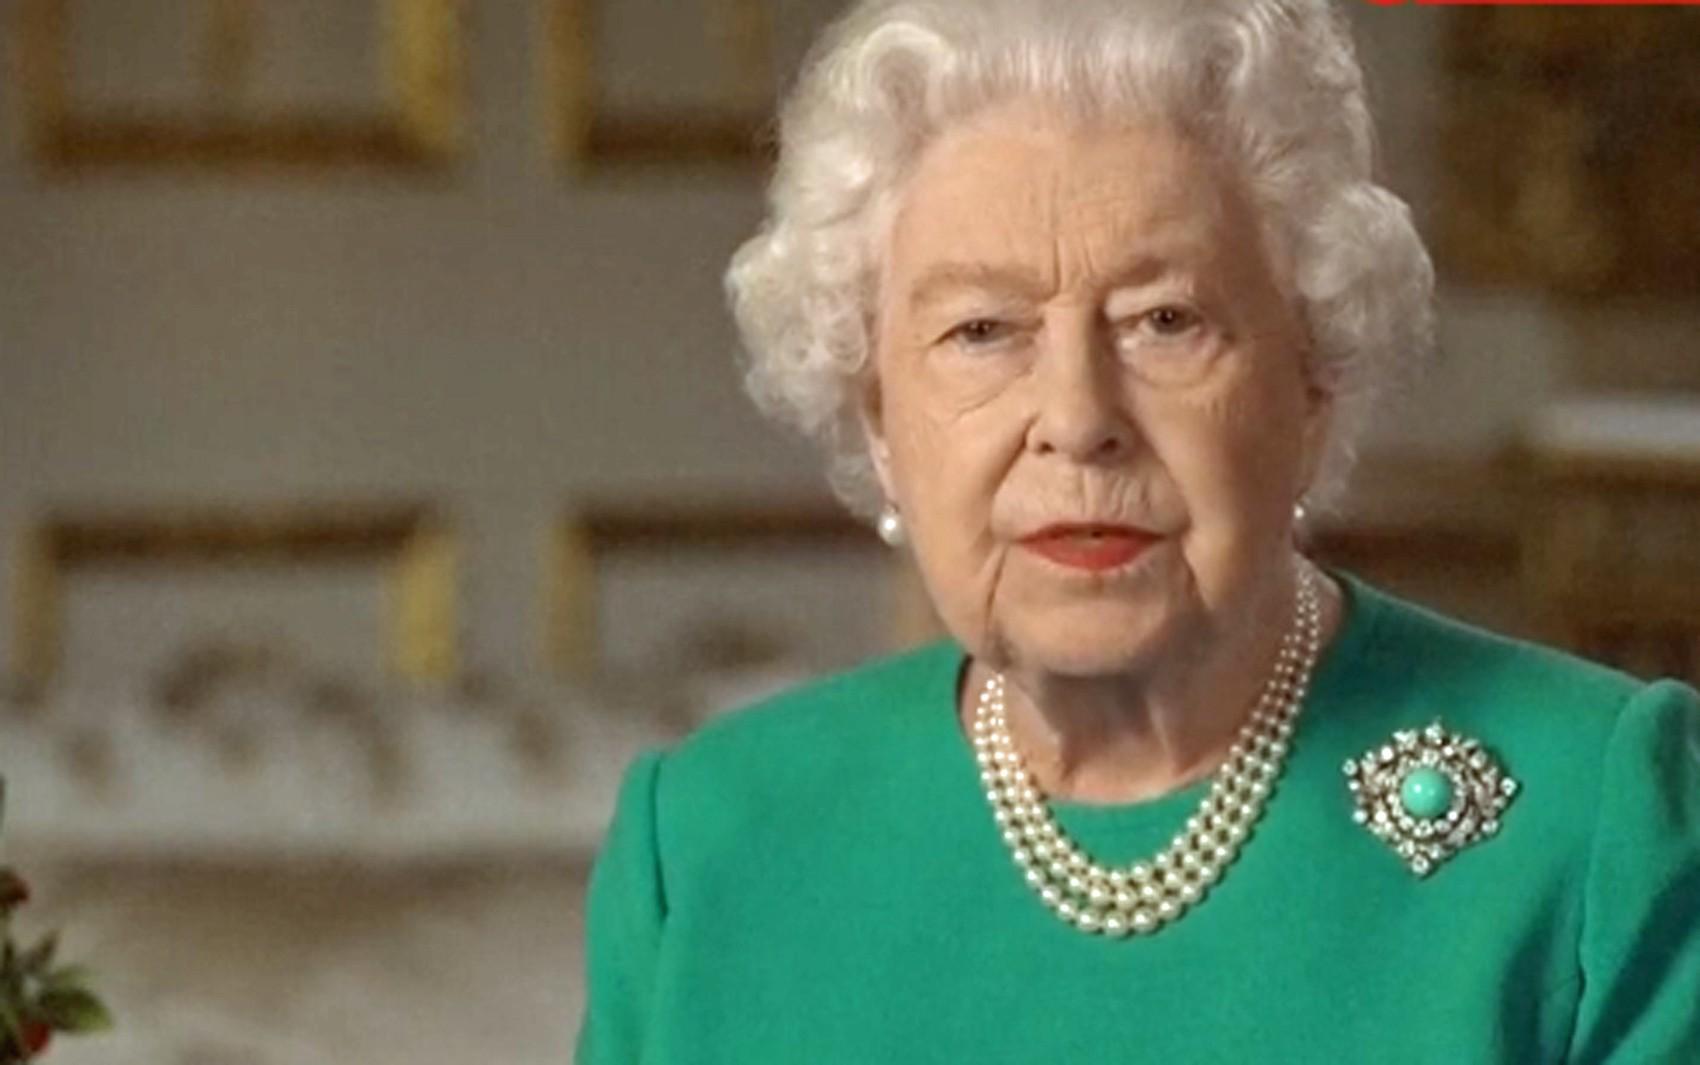 'Vamos nos encontrar novamente', diz rainha Elizabeth II em pronunciamento